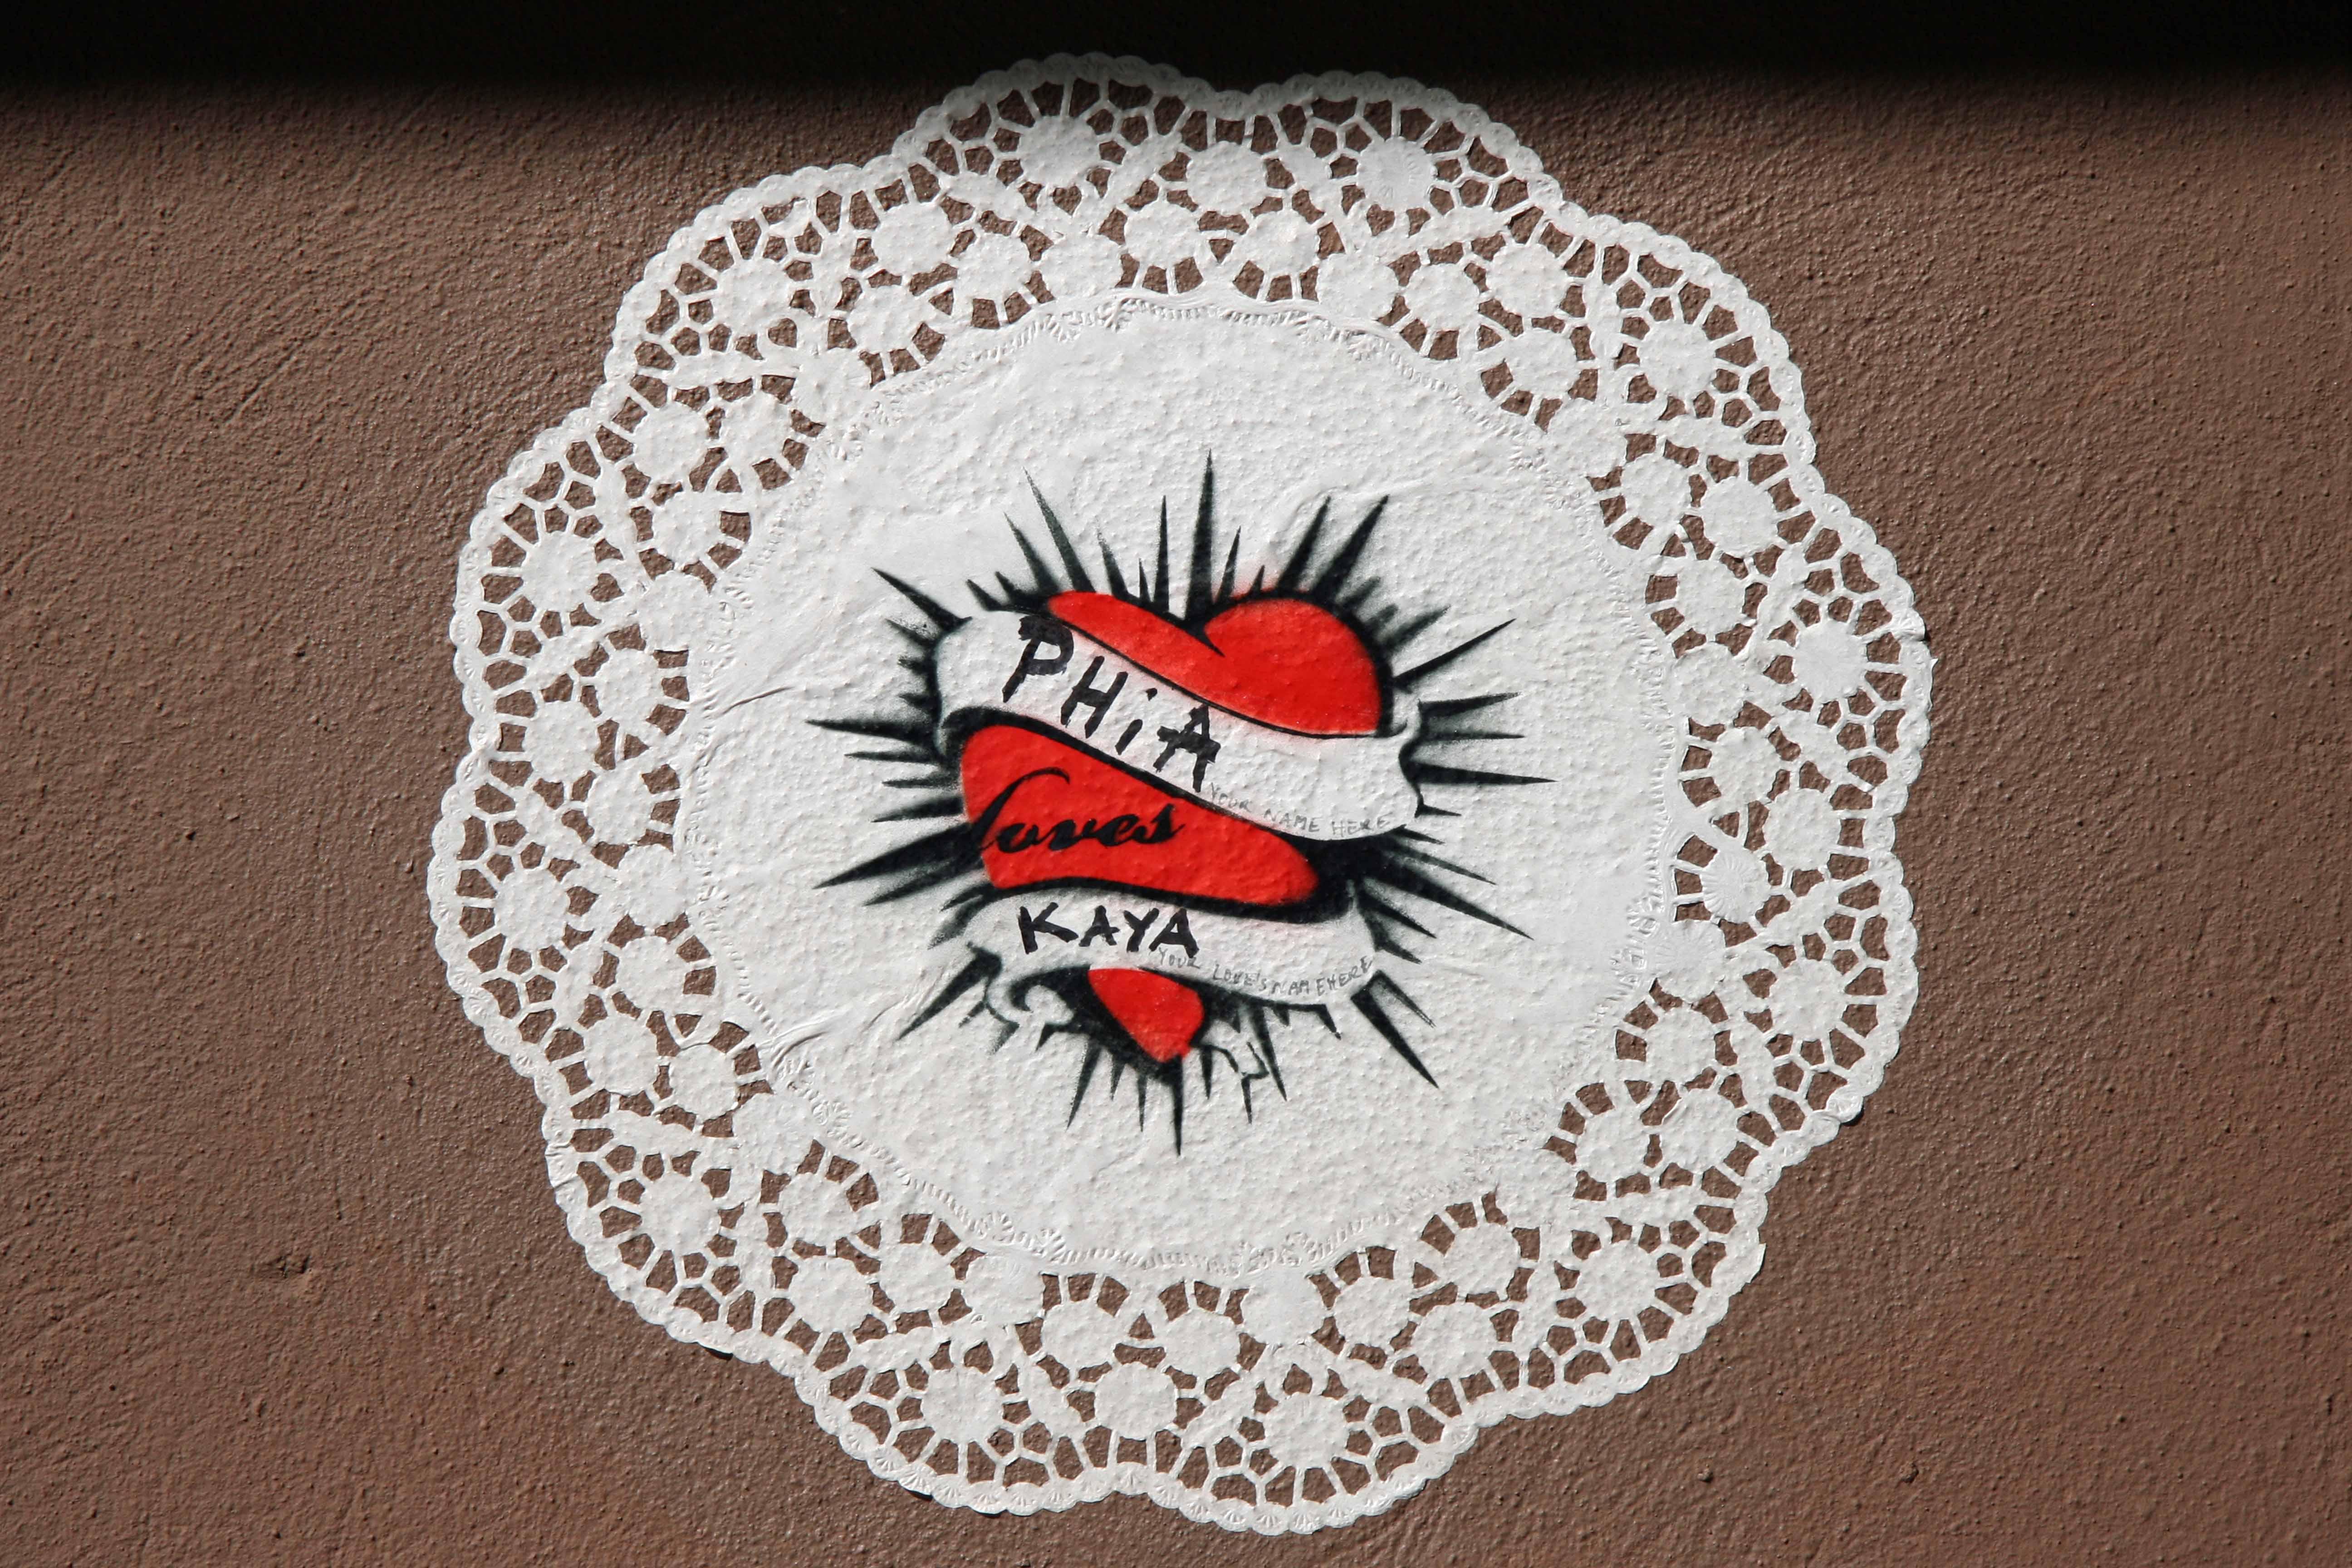 PHiA Loves KAYA: Street Art by Unknown Artist in Friedrichshain, Berlin